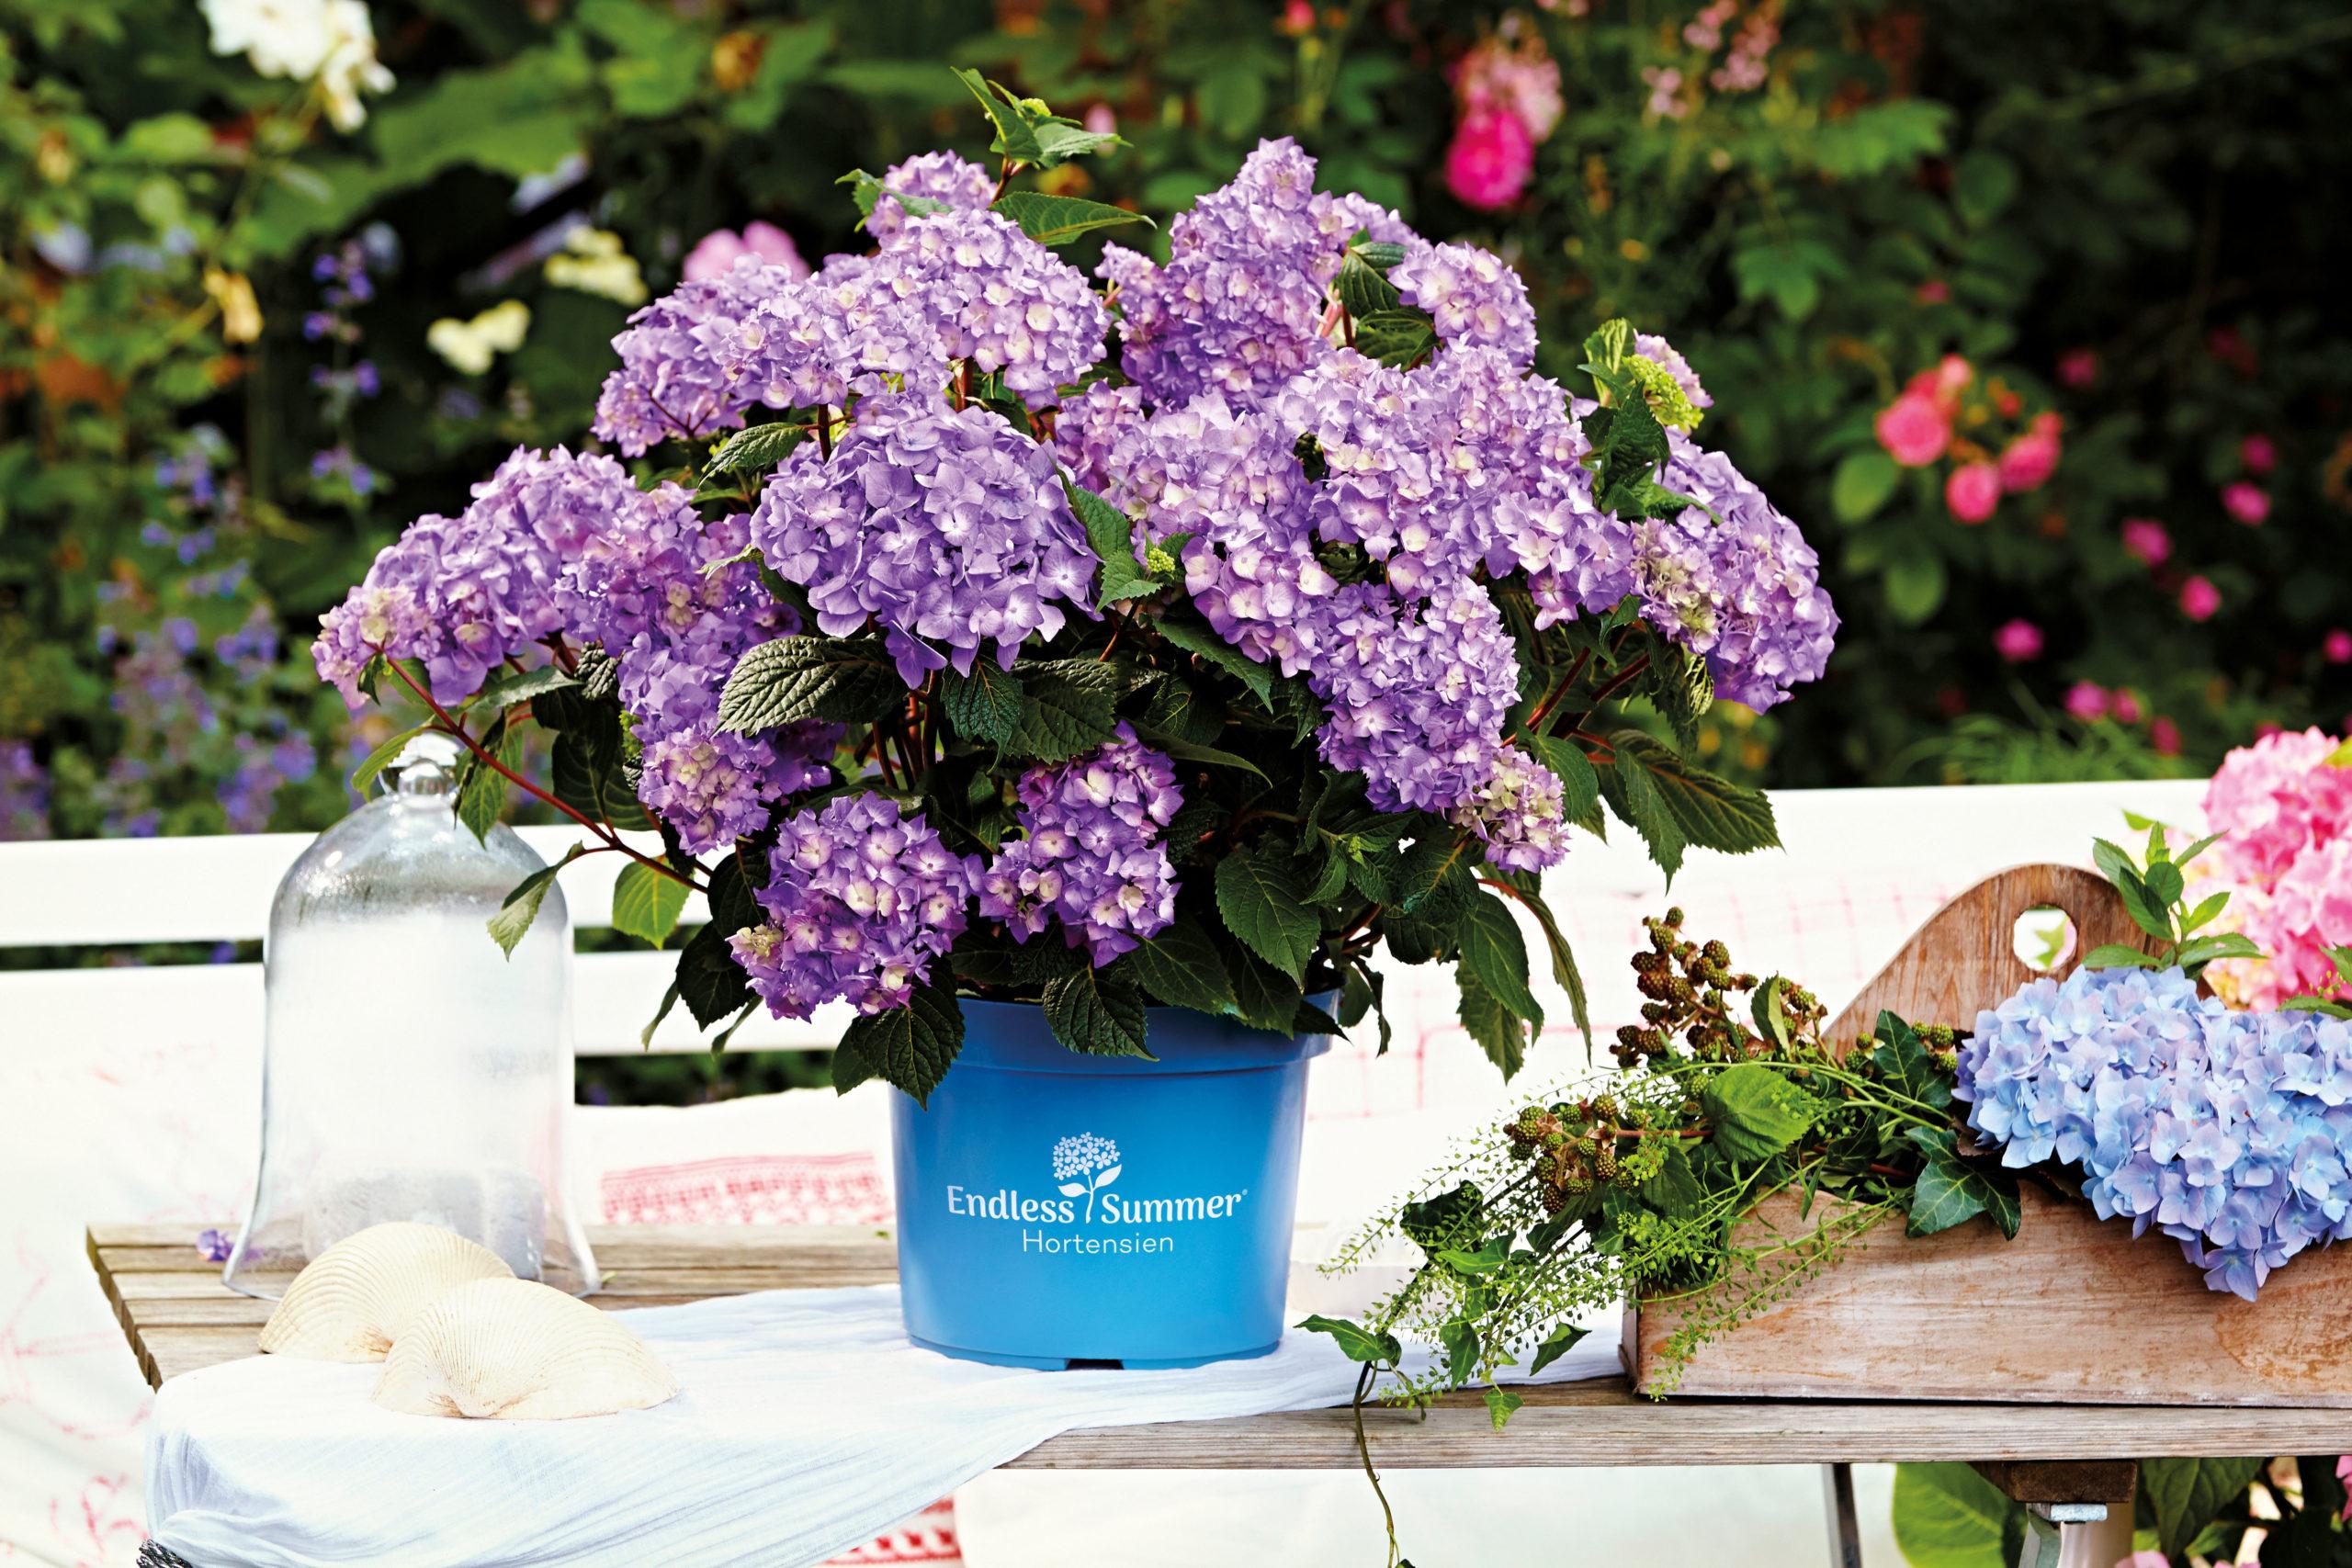 Hortensien in Blüte